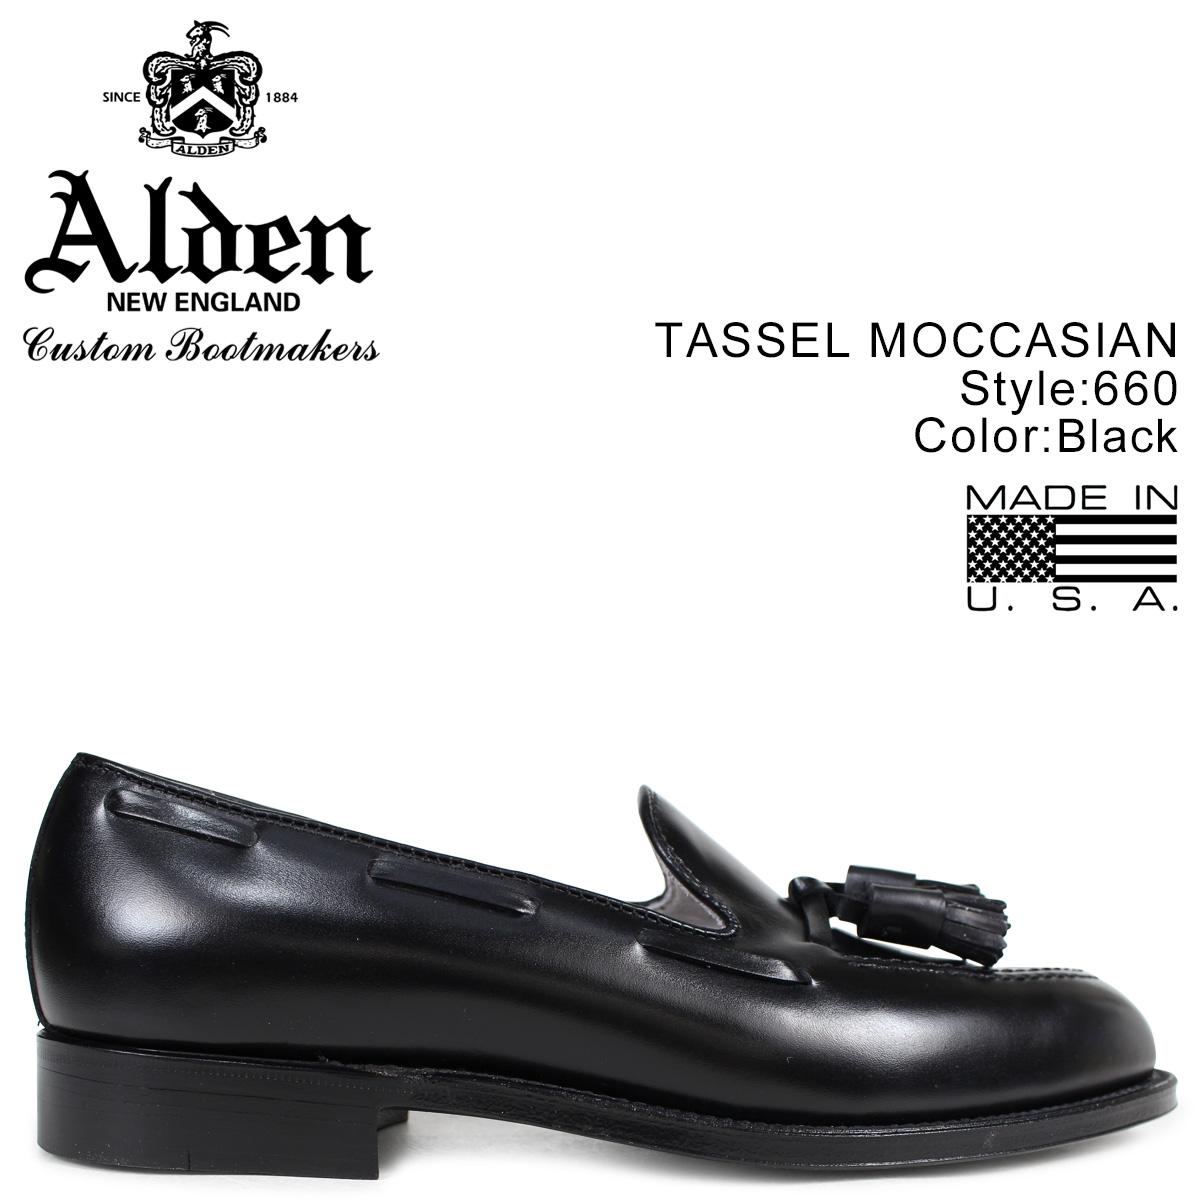 オールデン ALDEN ローファー タッセル シューズ メンズ TASSEL MOCCASIN ブラック Dワイズ 660